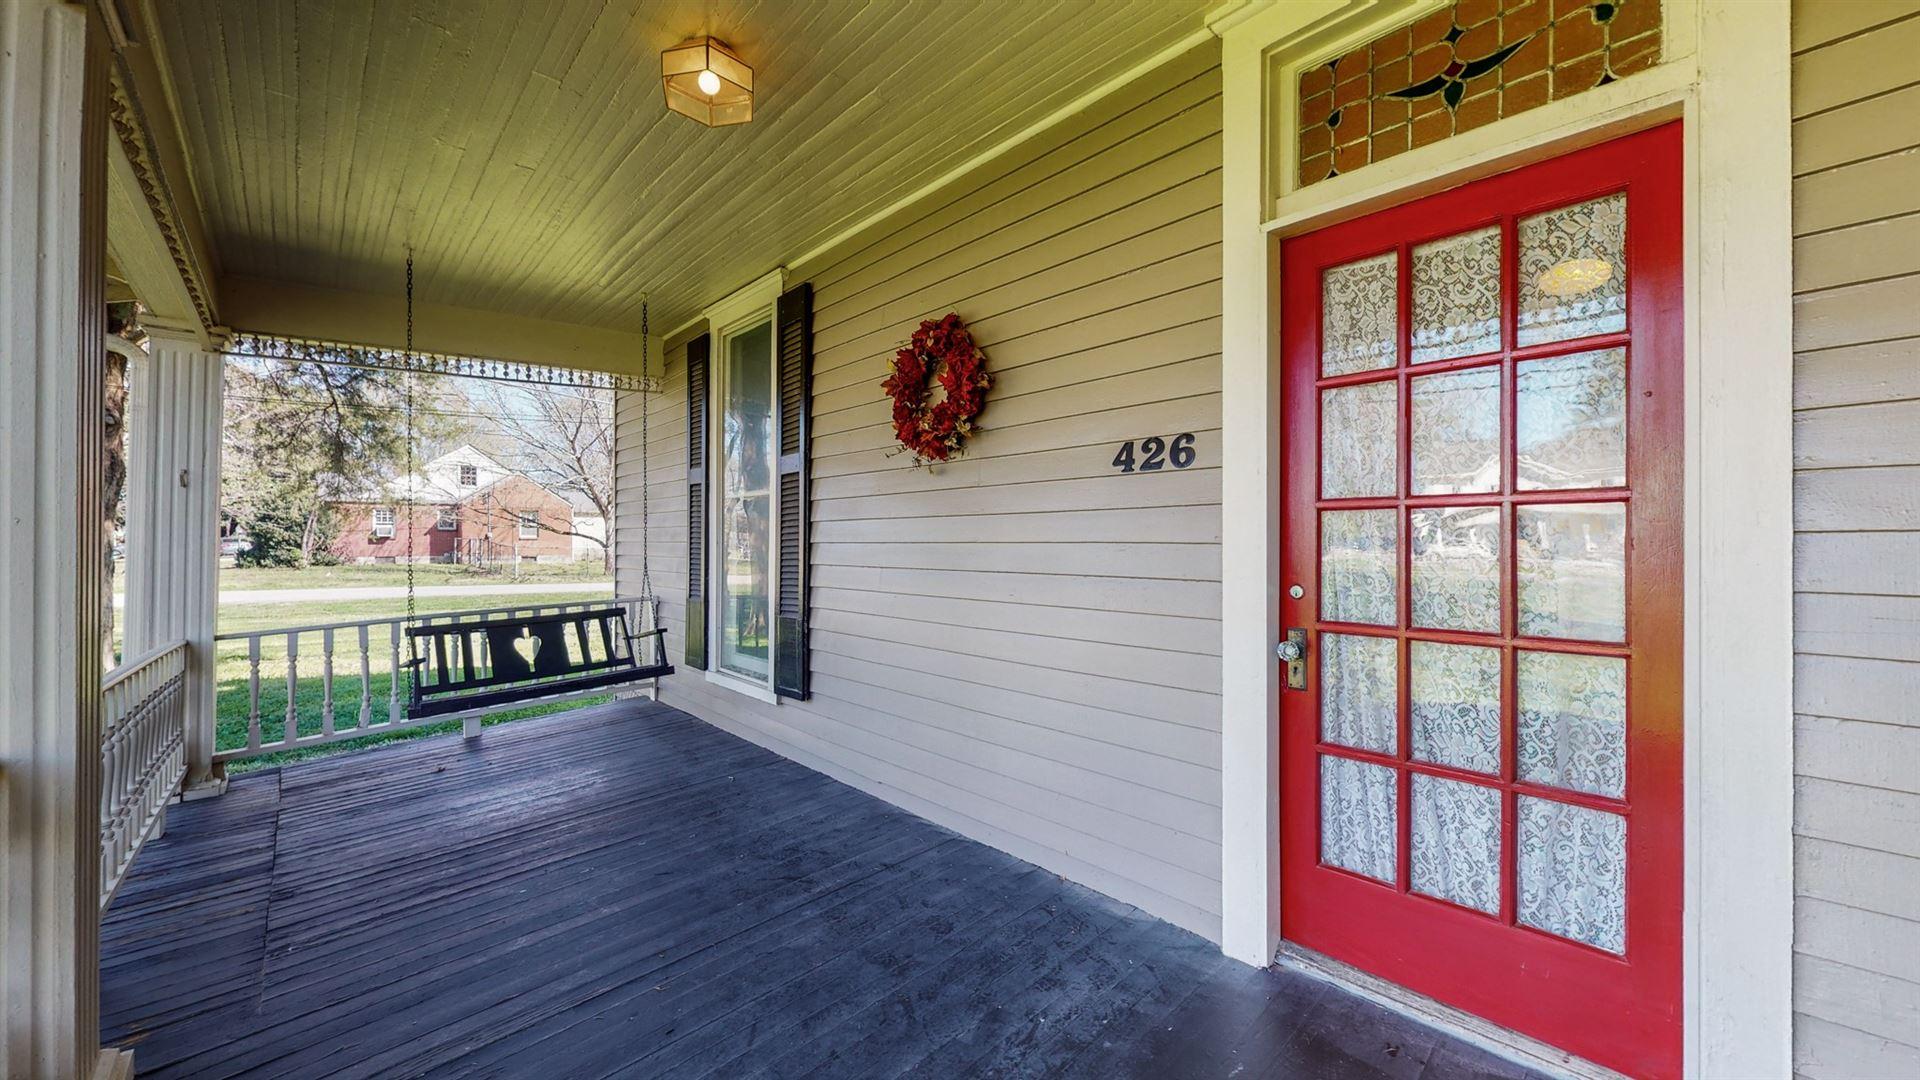 Photo of 426 Murfreesboro Rd, Franklin, TN 37064 (MLS # 2240069)